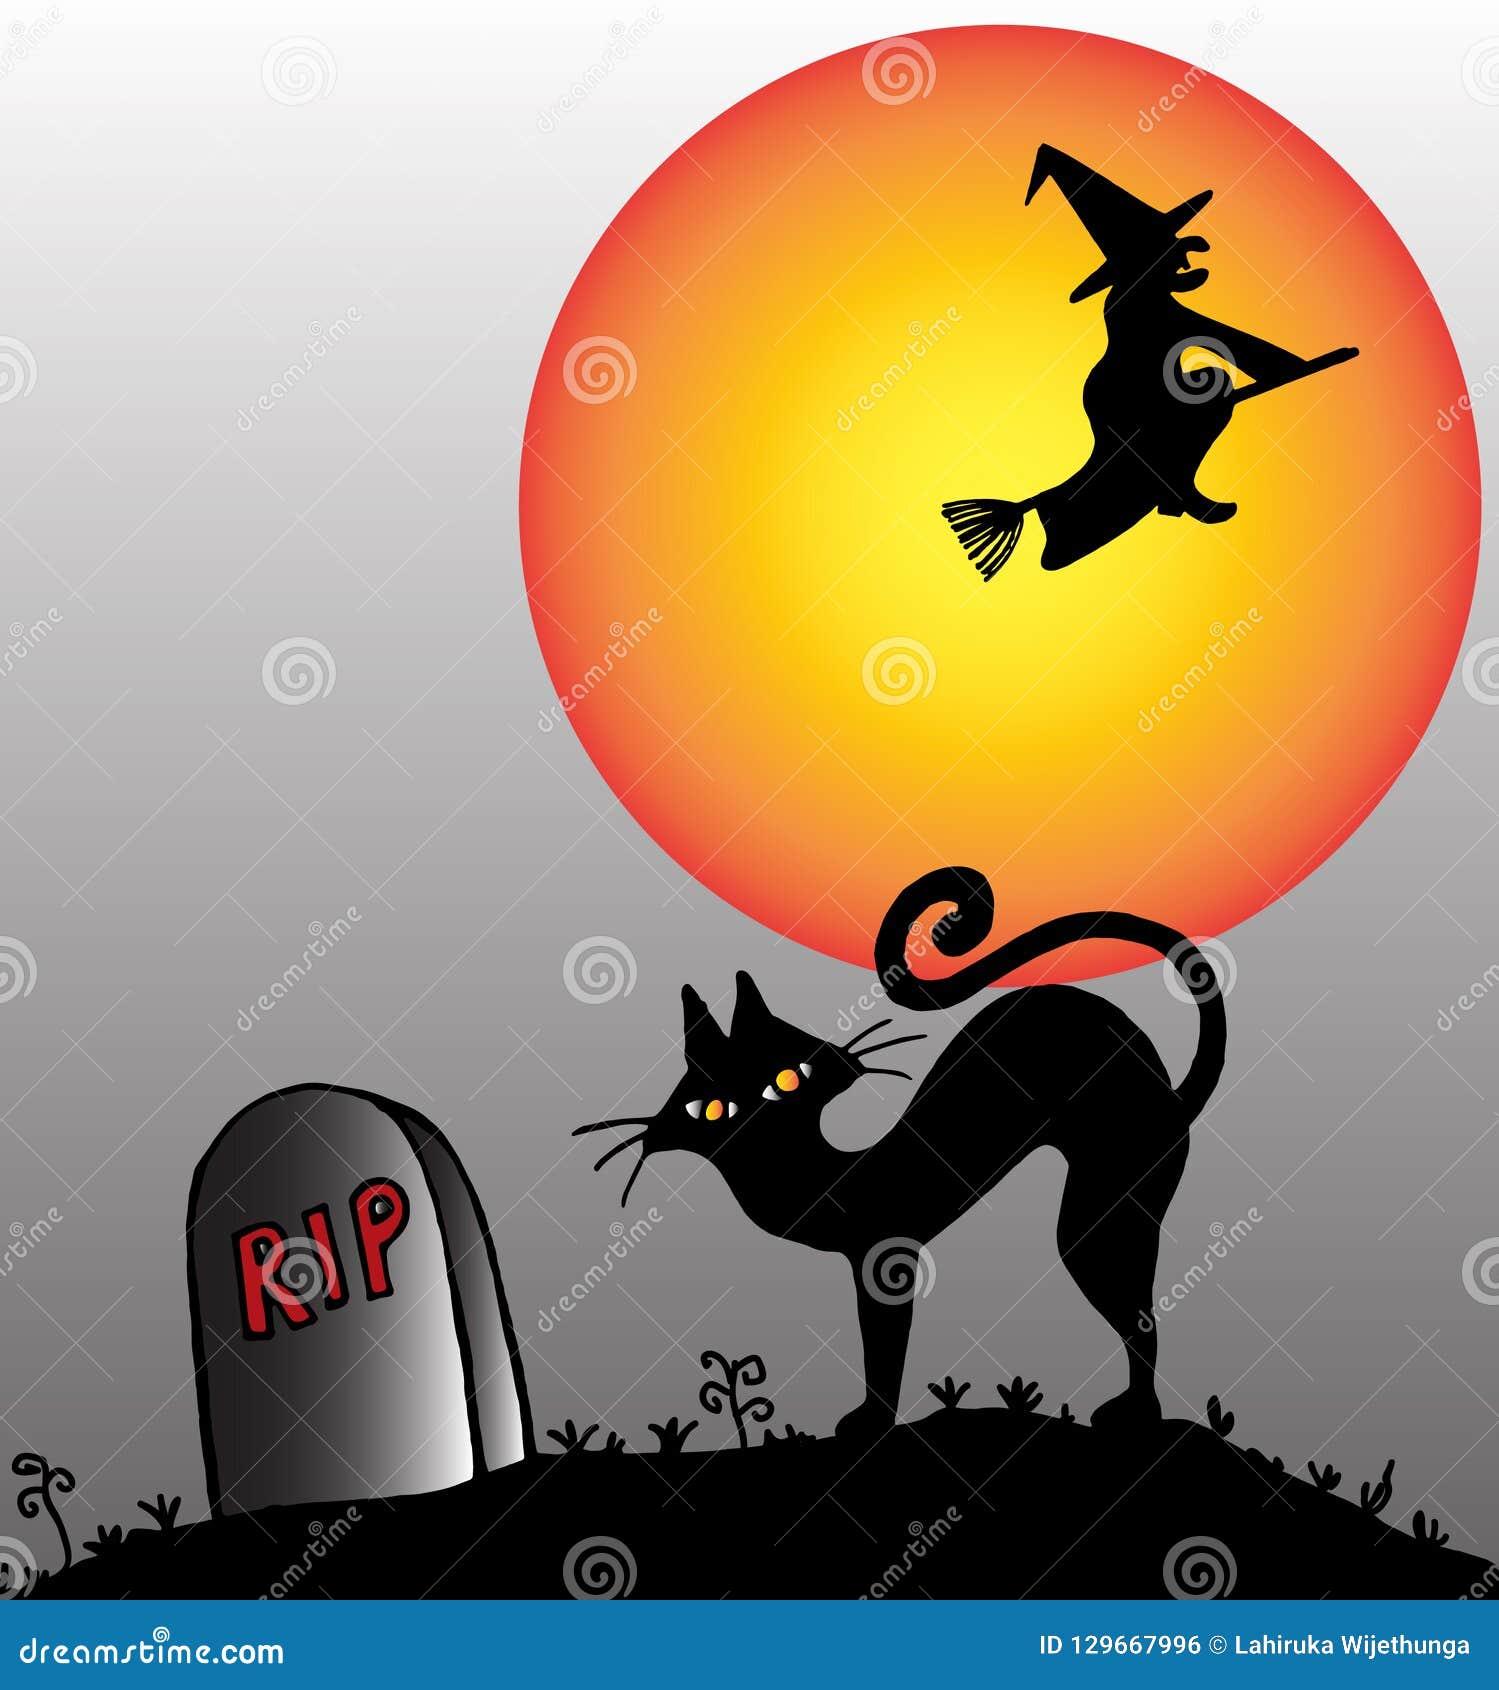 Kvastridninghäxa och en katt i en kyrkogård på en allhelgonaaftonnatt